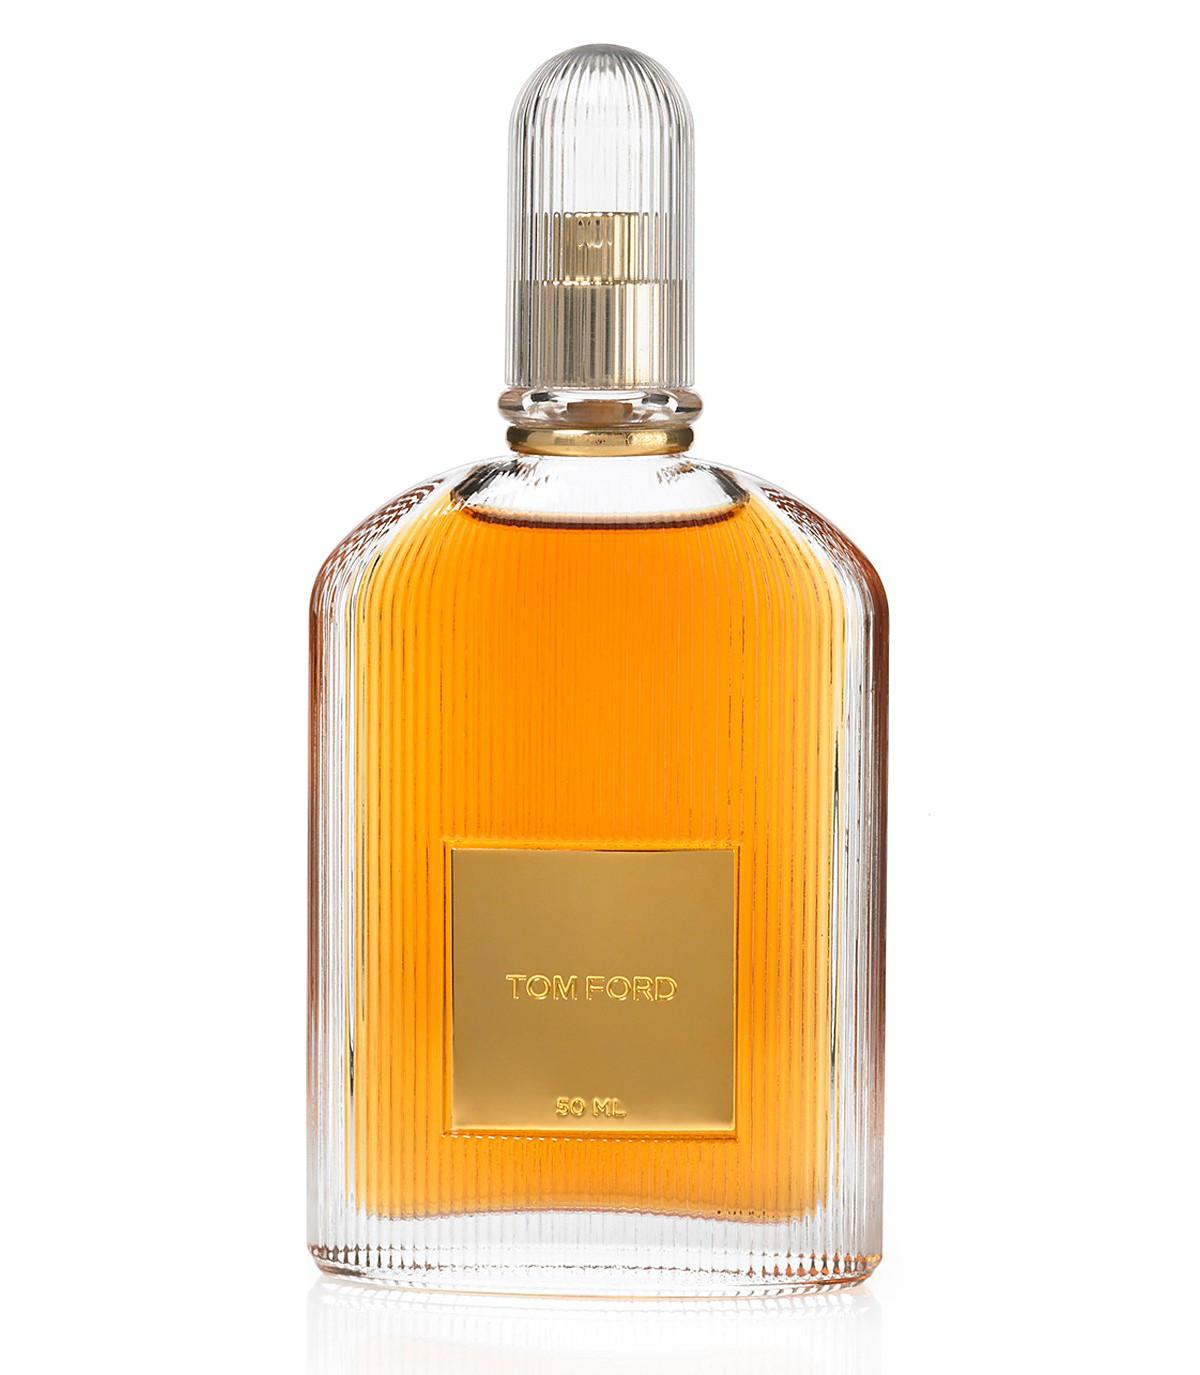 Tom Ford - Best-smelling colognes